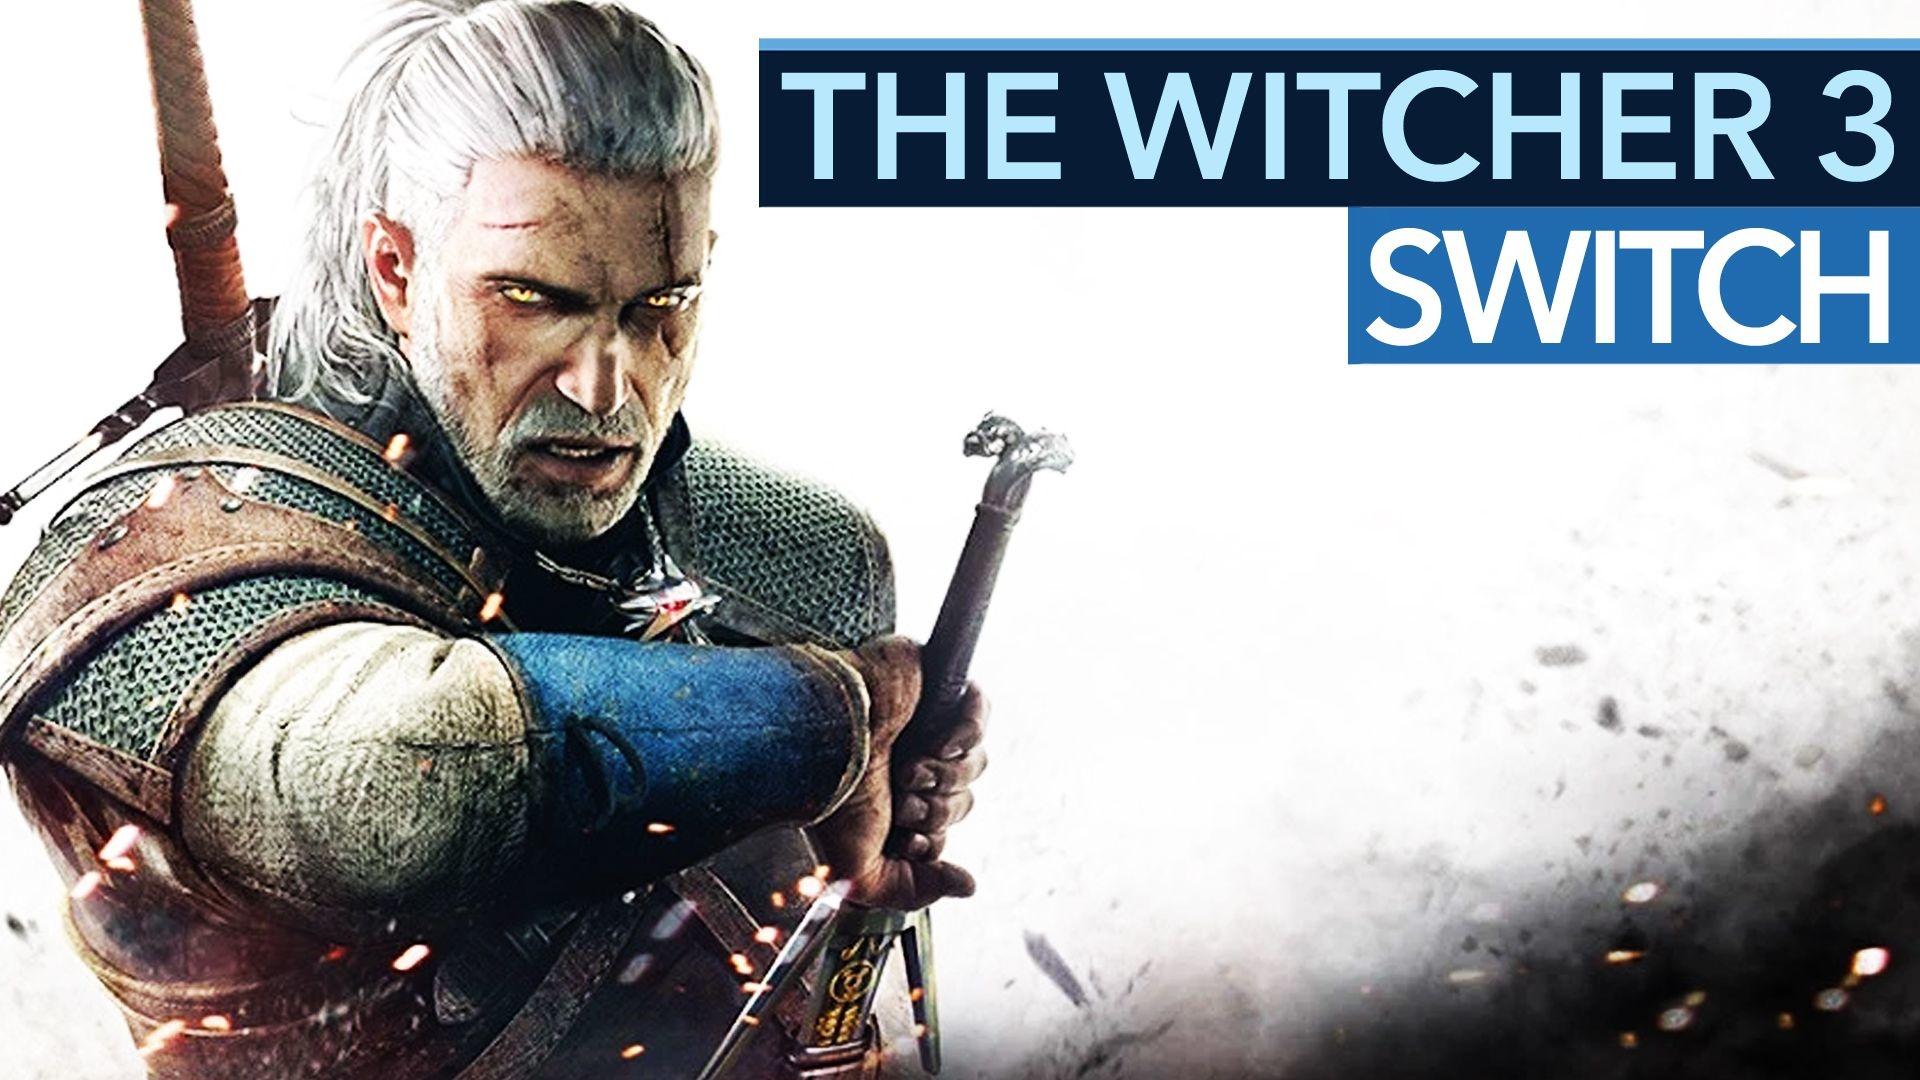 The Witcher 3 auf der Switch - Eine technische Meisterleistung